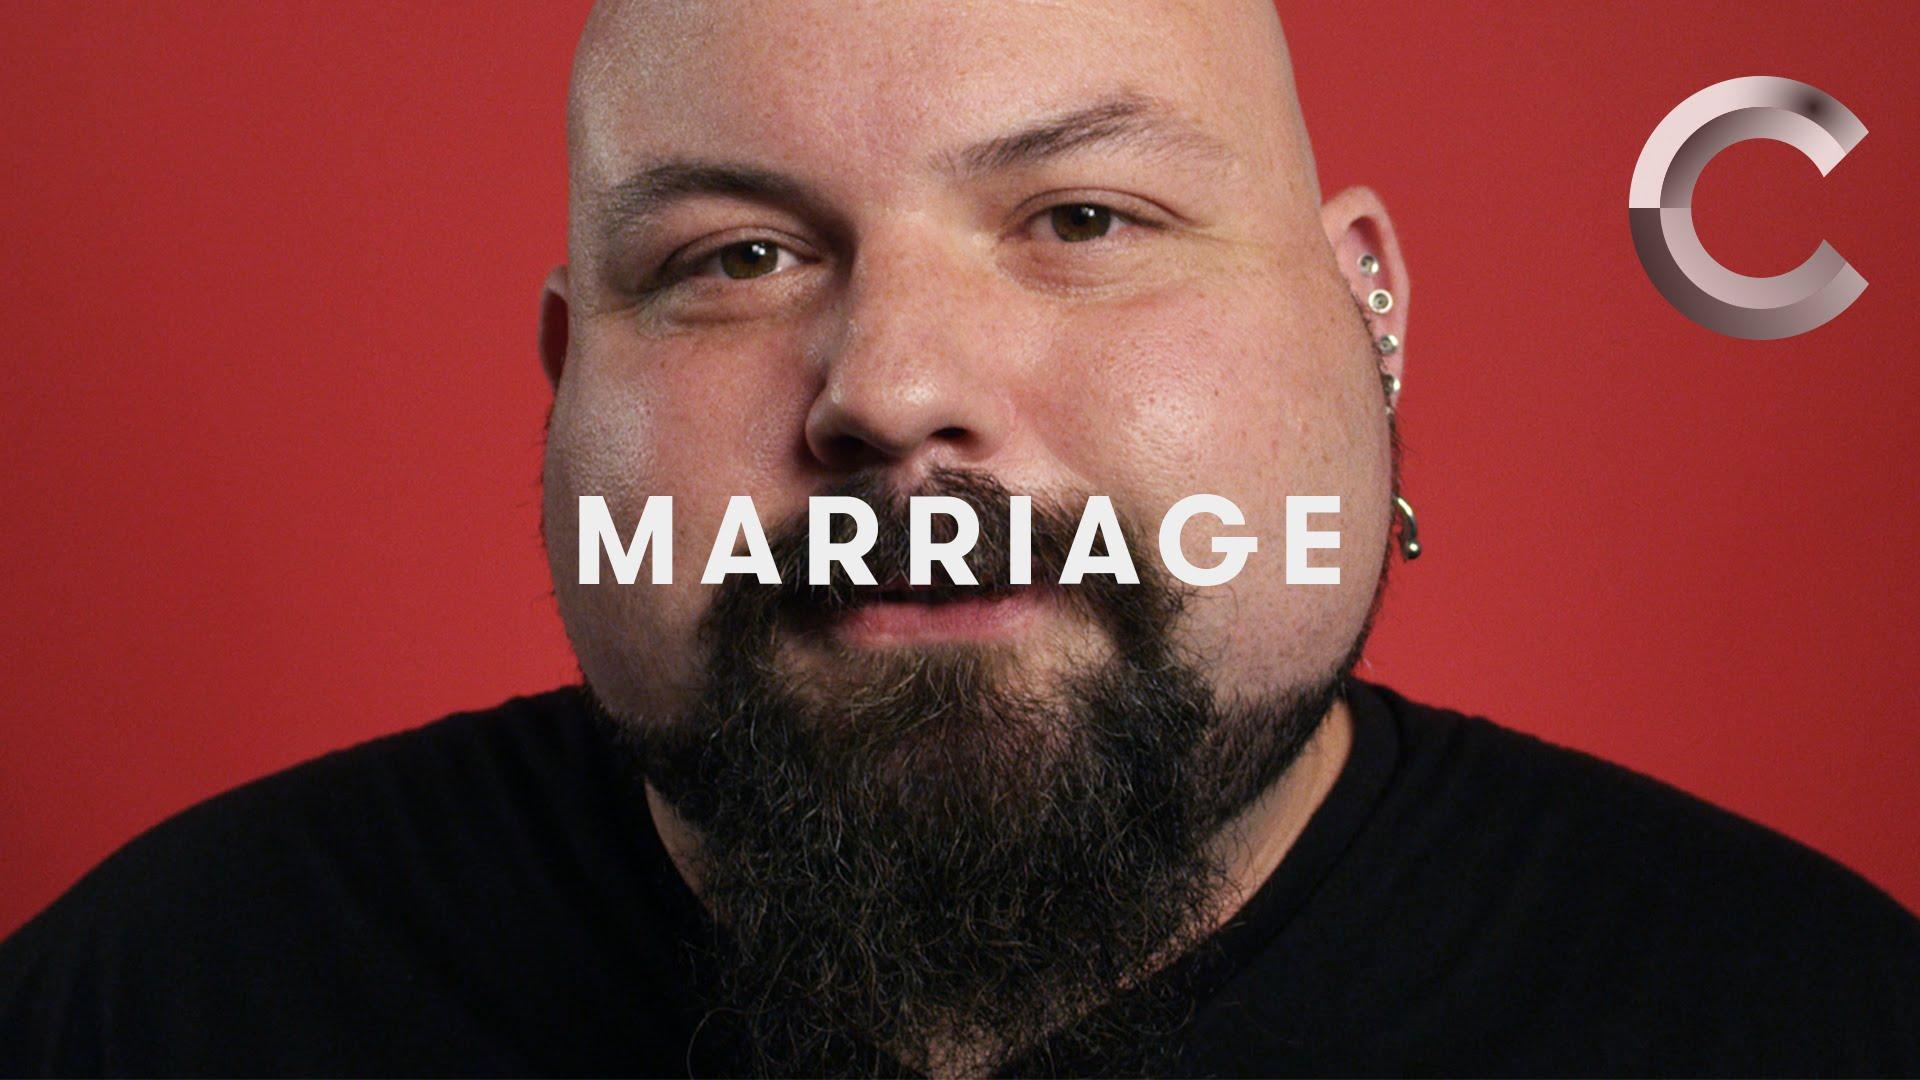 【感人訪談】『婚姻』對你來說是什麼?